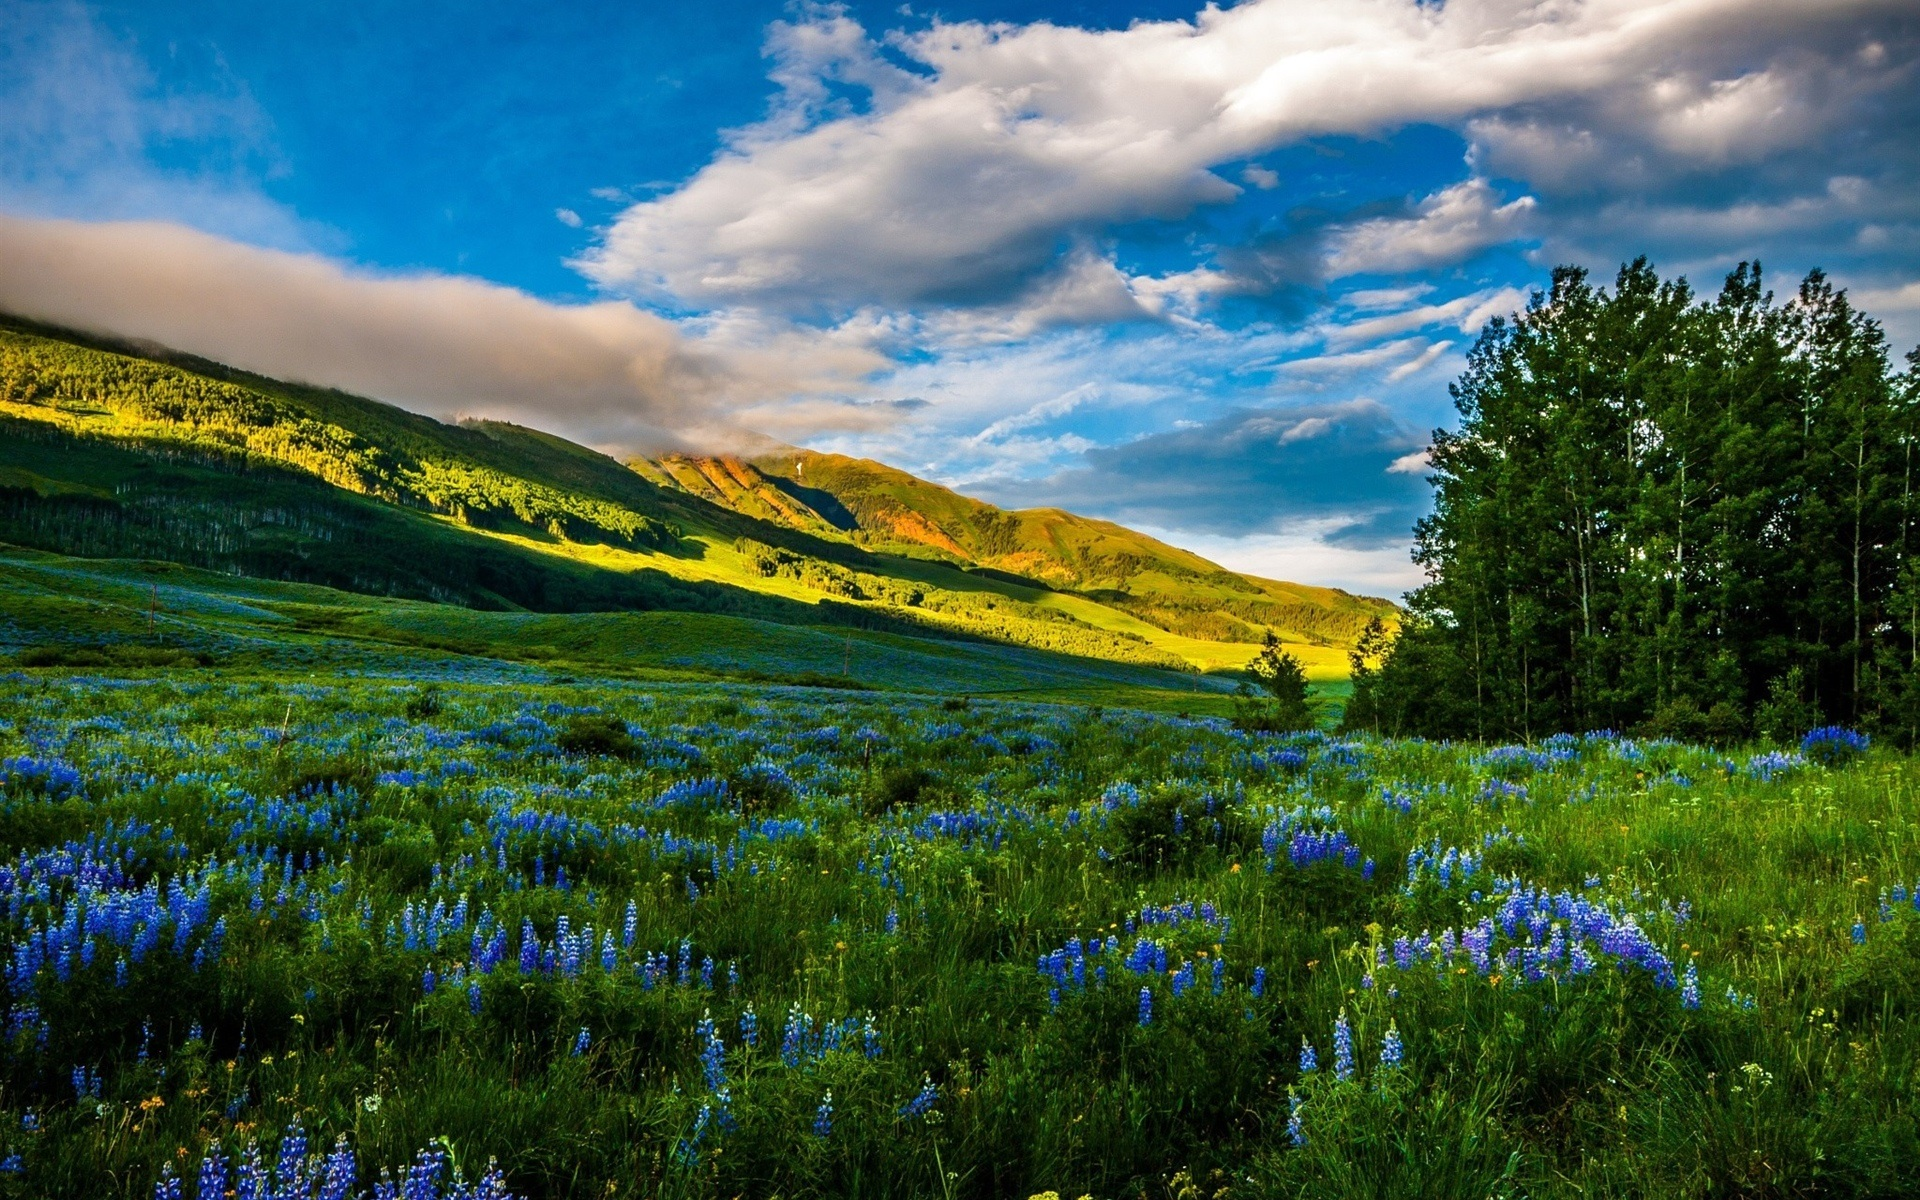 смотреть картинки с пейзажем и цветами самом